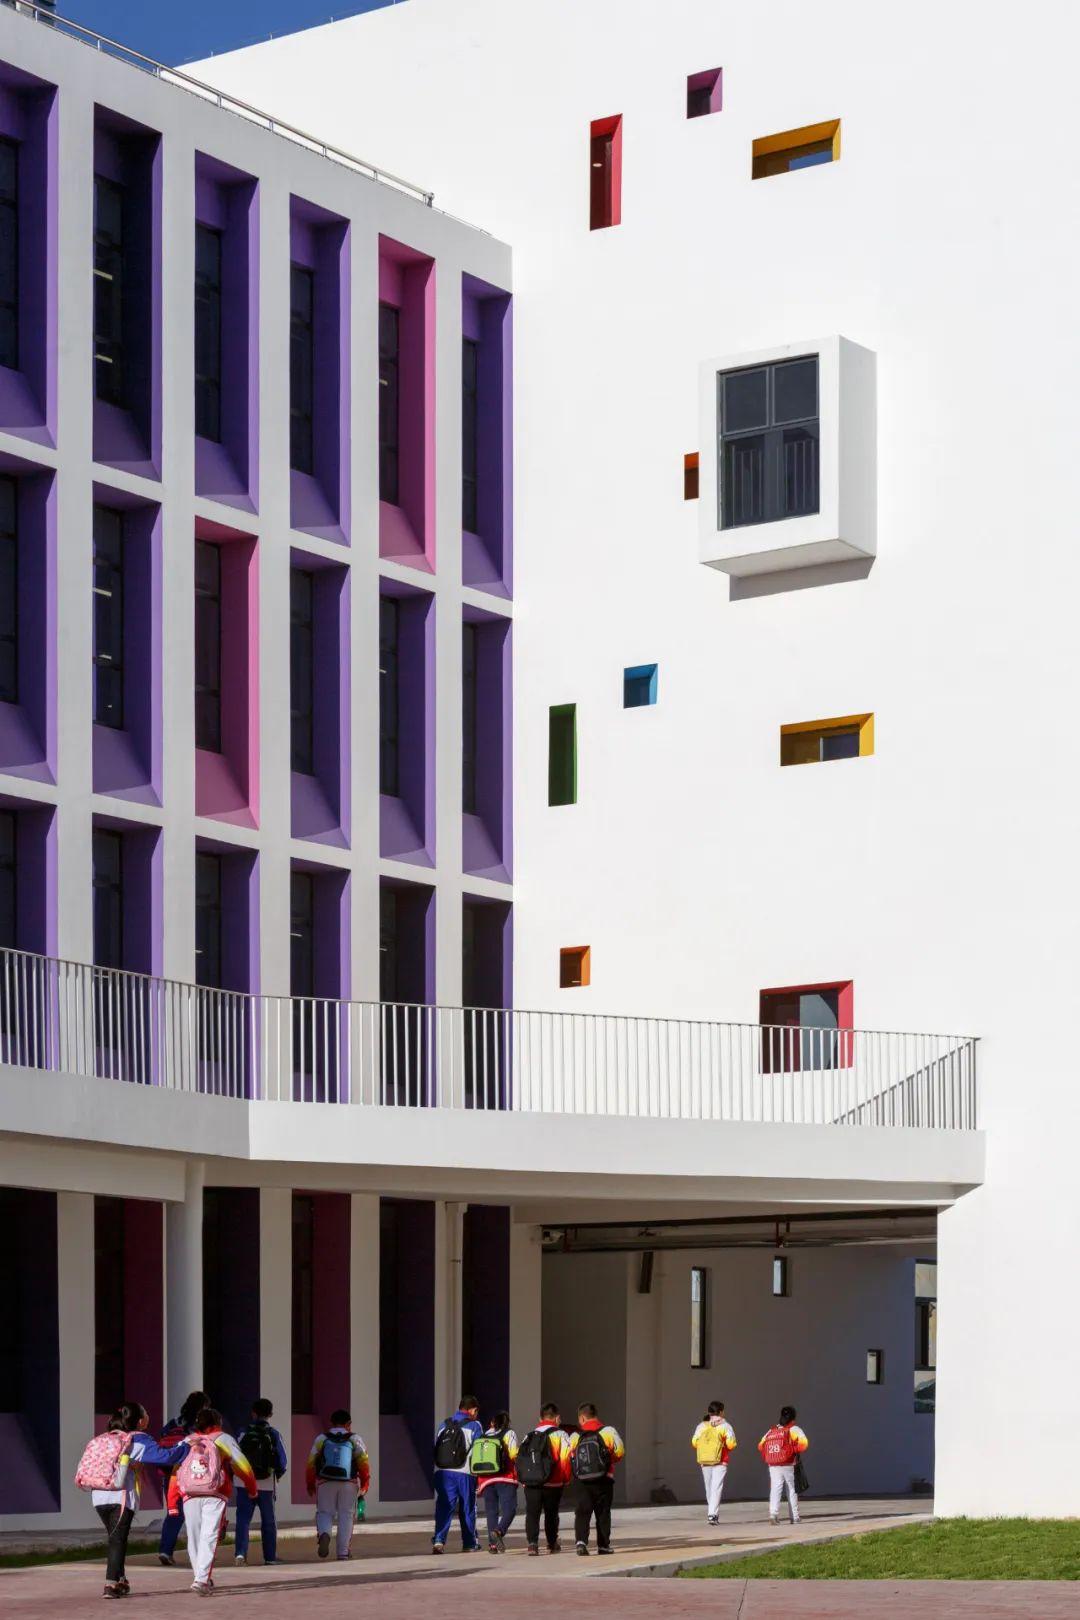 榆林市高新区第三小学 建筑设计 / 清华大学建筑设计研究院、清华大学建筑学院